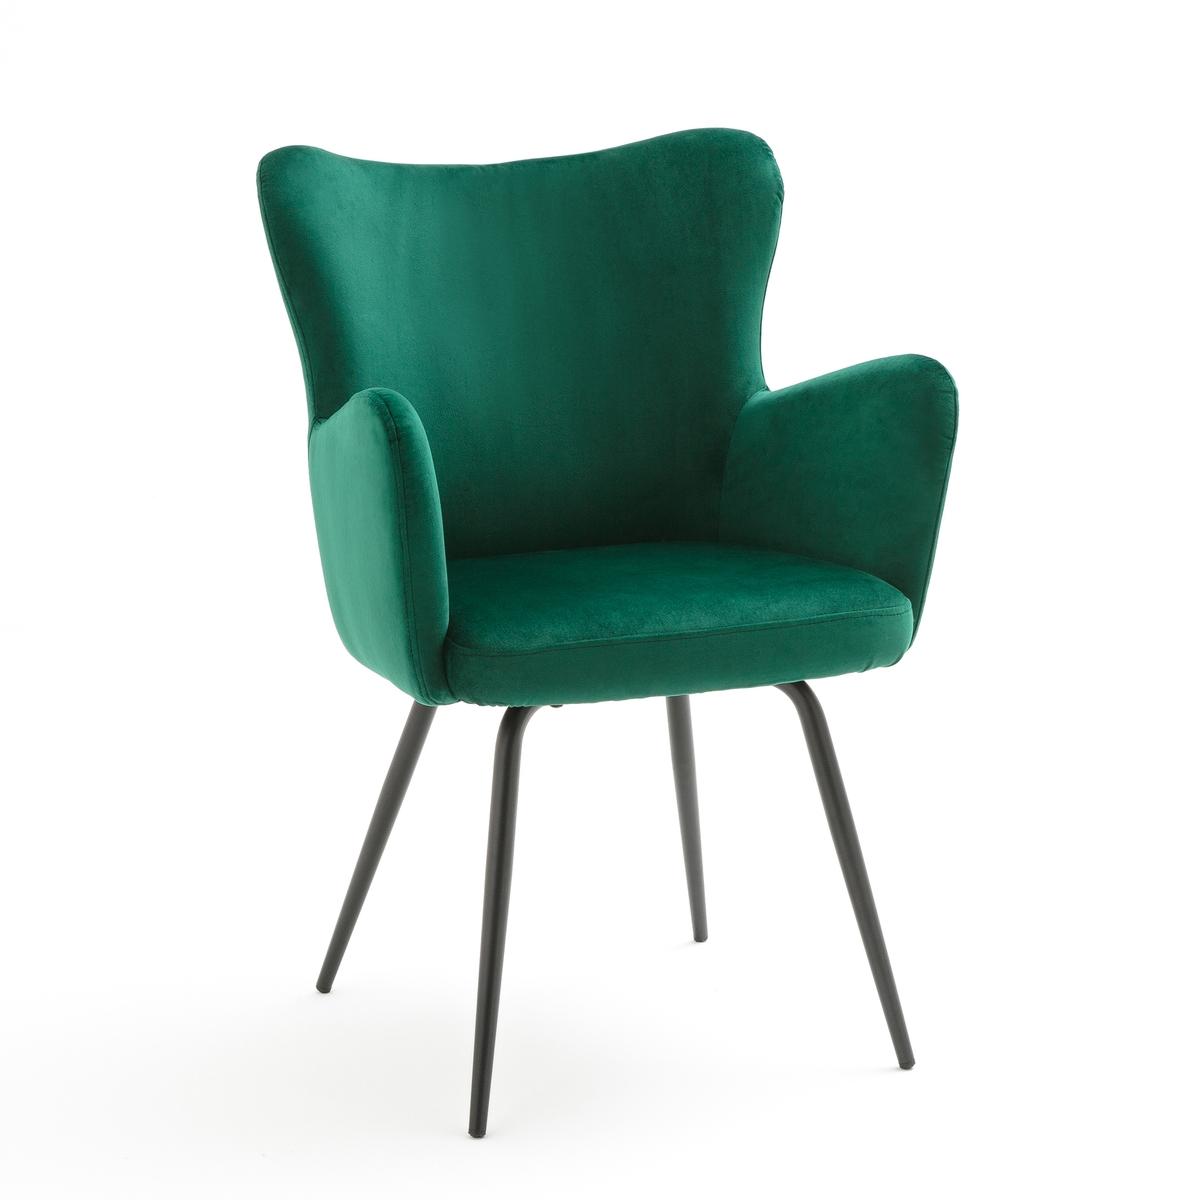 Кресло LaRedoute LUXORE единый размер зеленый кресло la redoute обеденное из велюра в винтажном стиле luxore единый размер синий